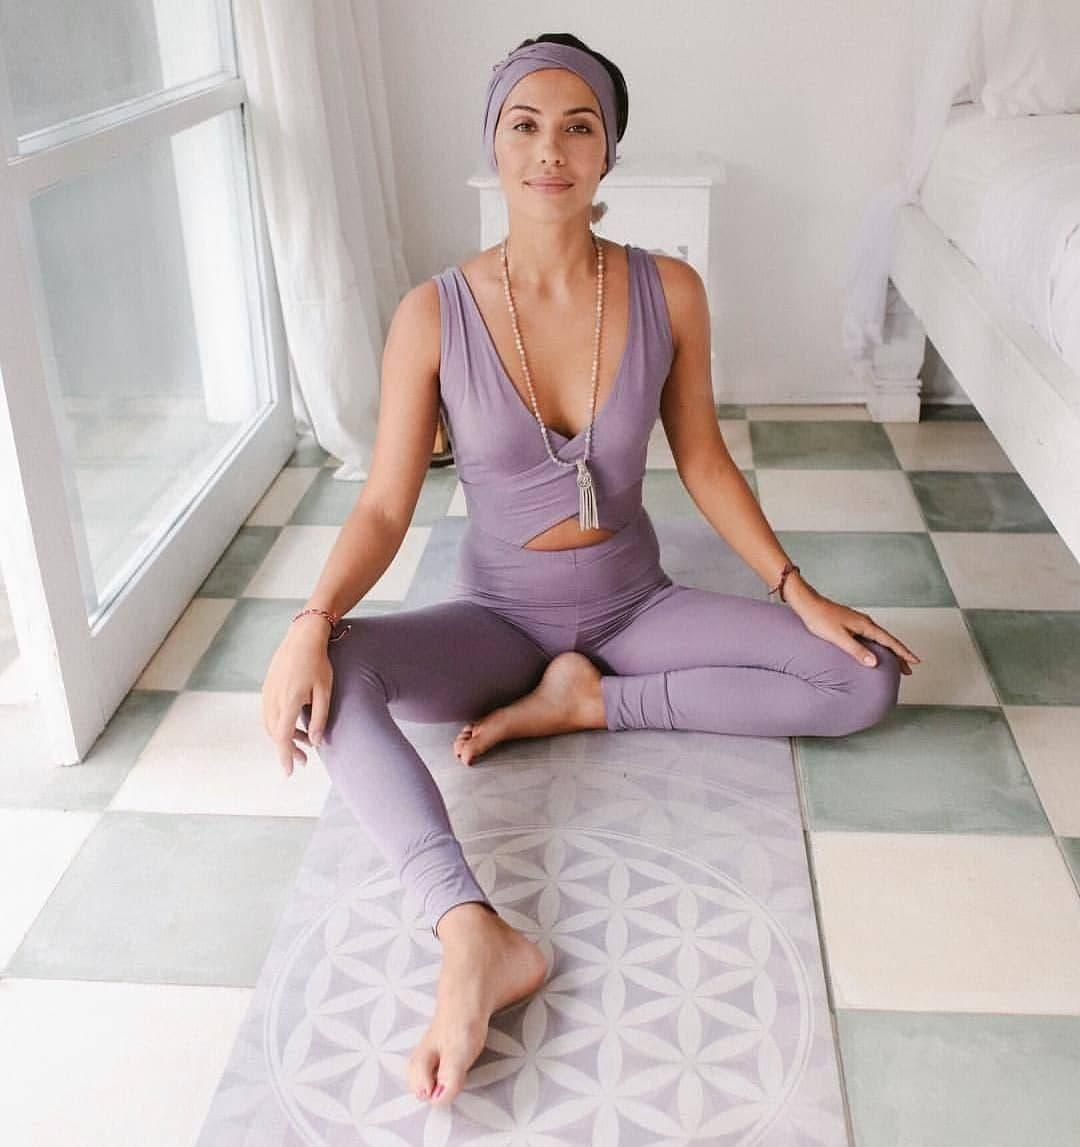 Коврик для йоги Flower of life Yoga Club 3 мм (под заказ из СПб)